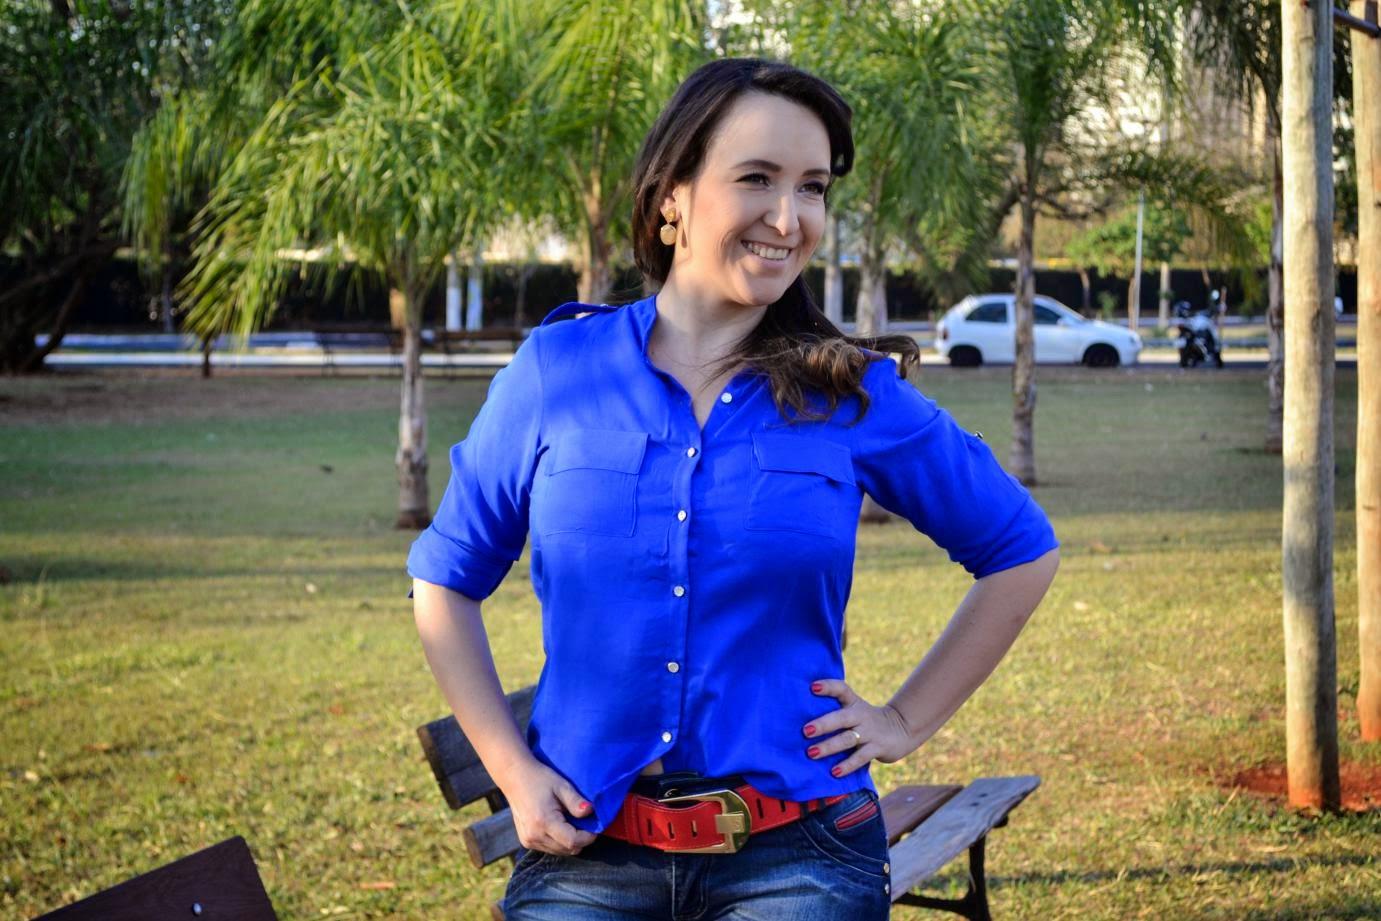 look azul e vermelho, coordenar cores, combinar cores, lalilu modas, blog de moda em ribeirão preto, fashion blogger em ribeirão preto, blog camila andrade